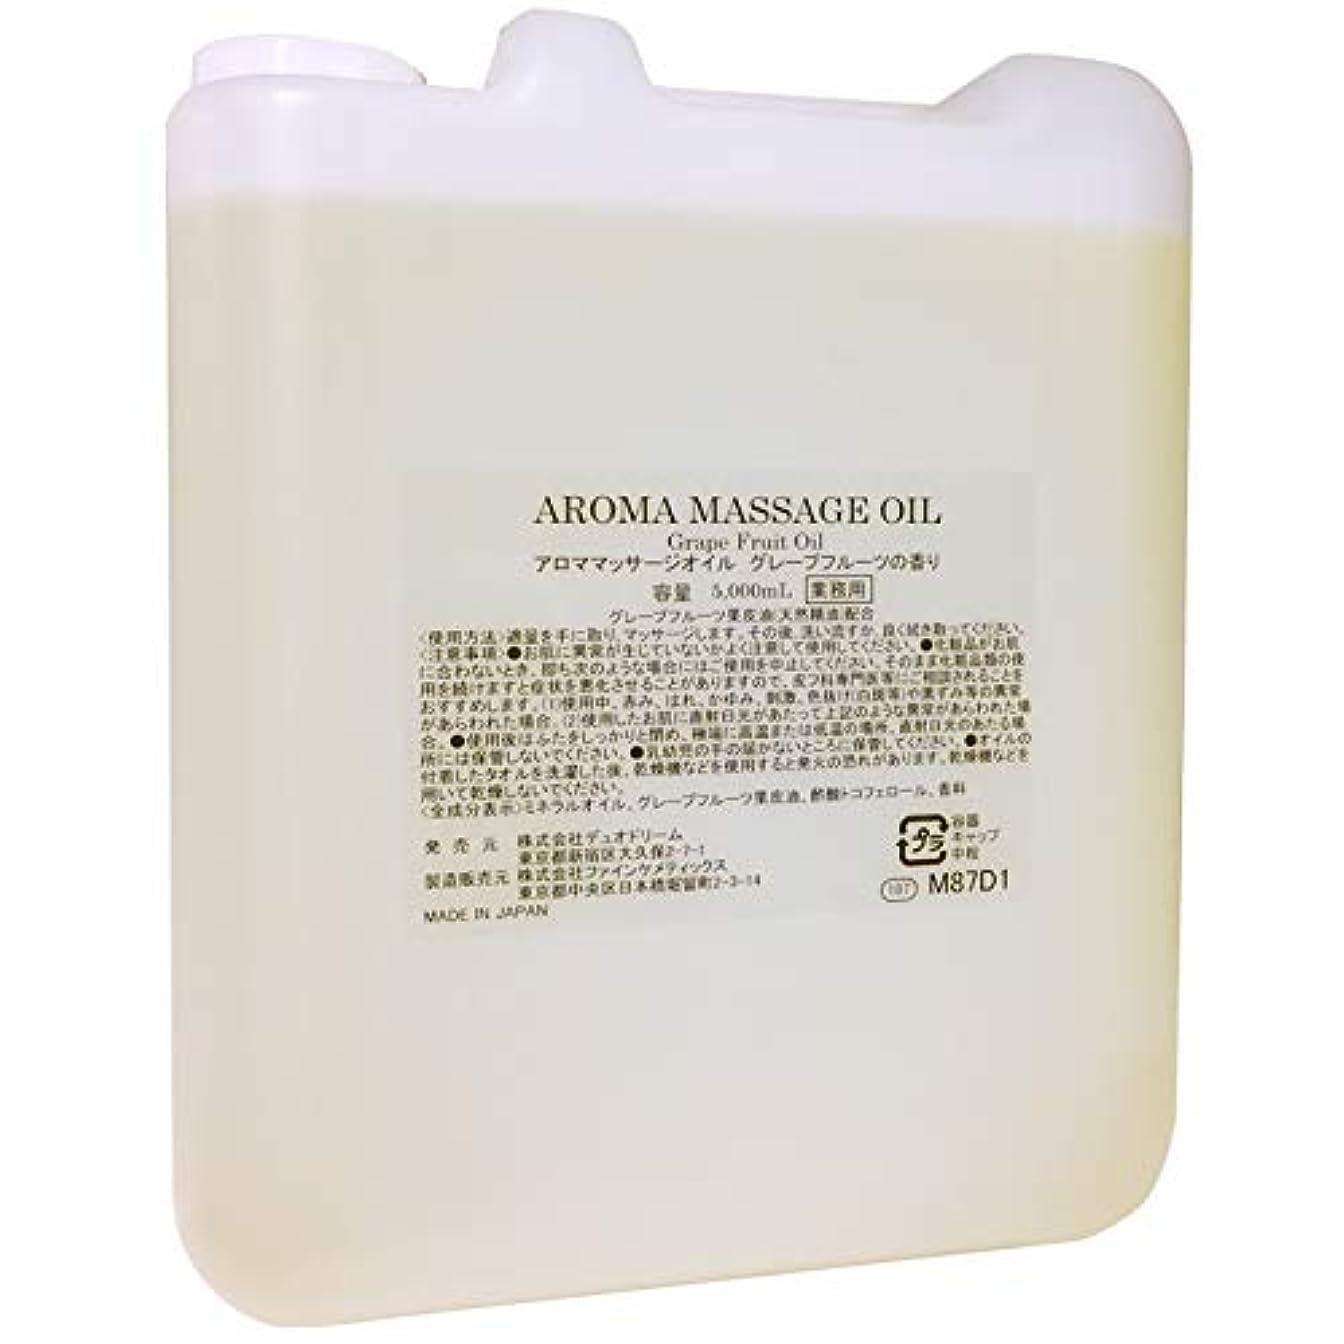 哀れな風邪をひくつまらないアロマ マッサージオイル グレープフルーツ 5L / さっぱりタイプ/日本製